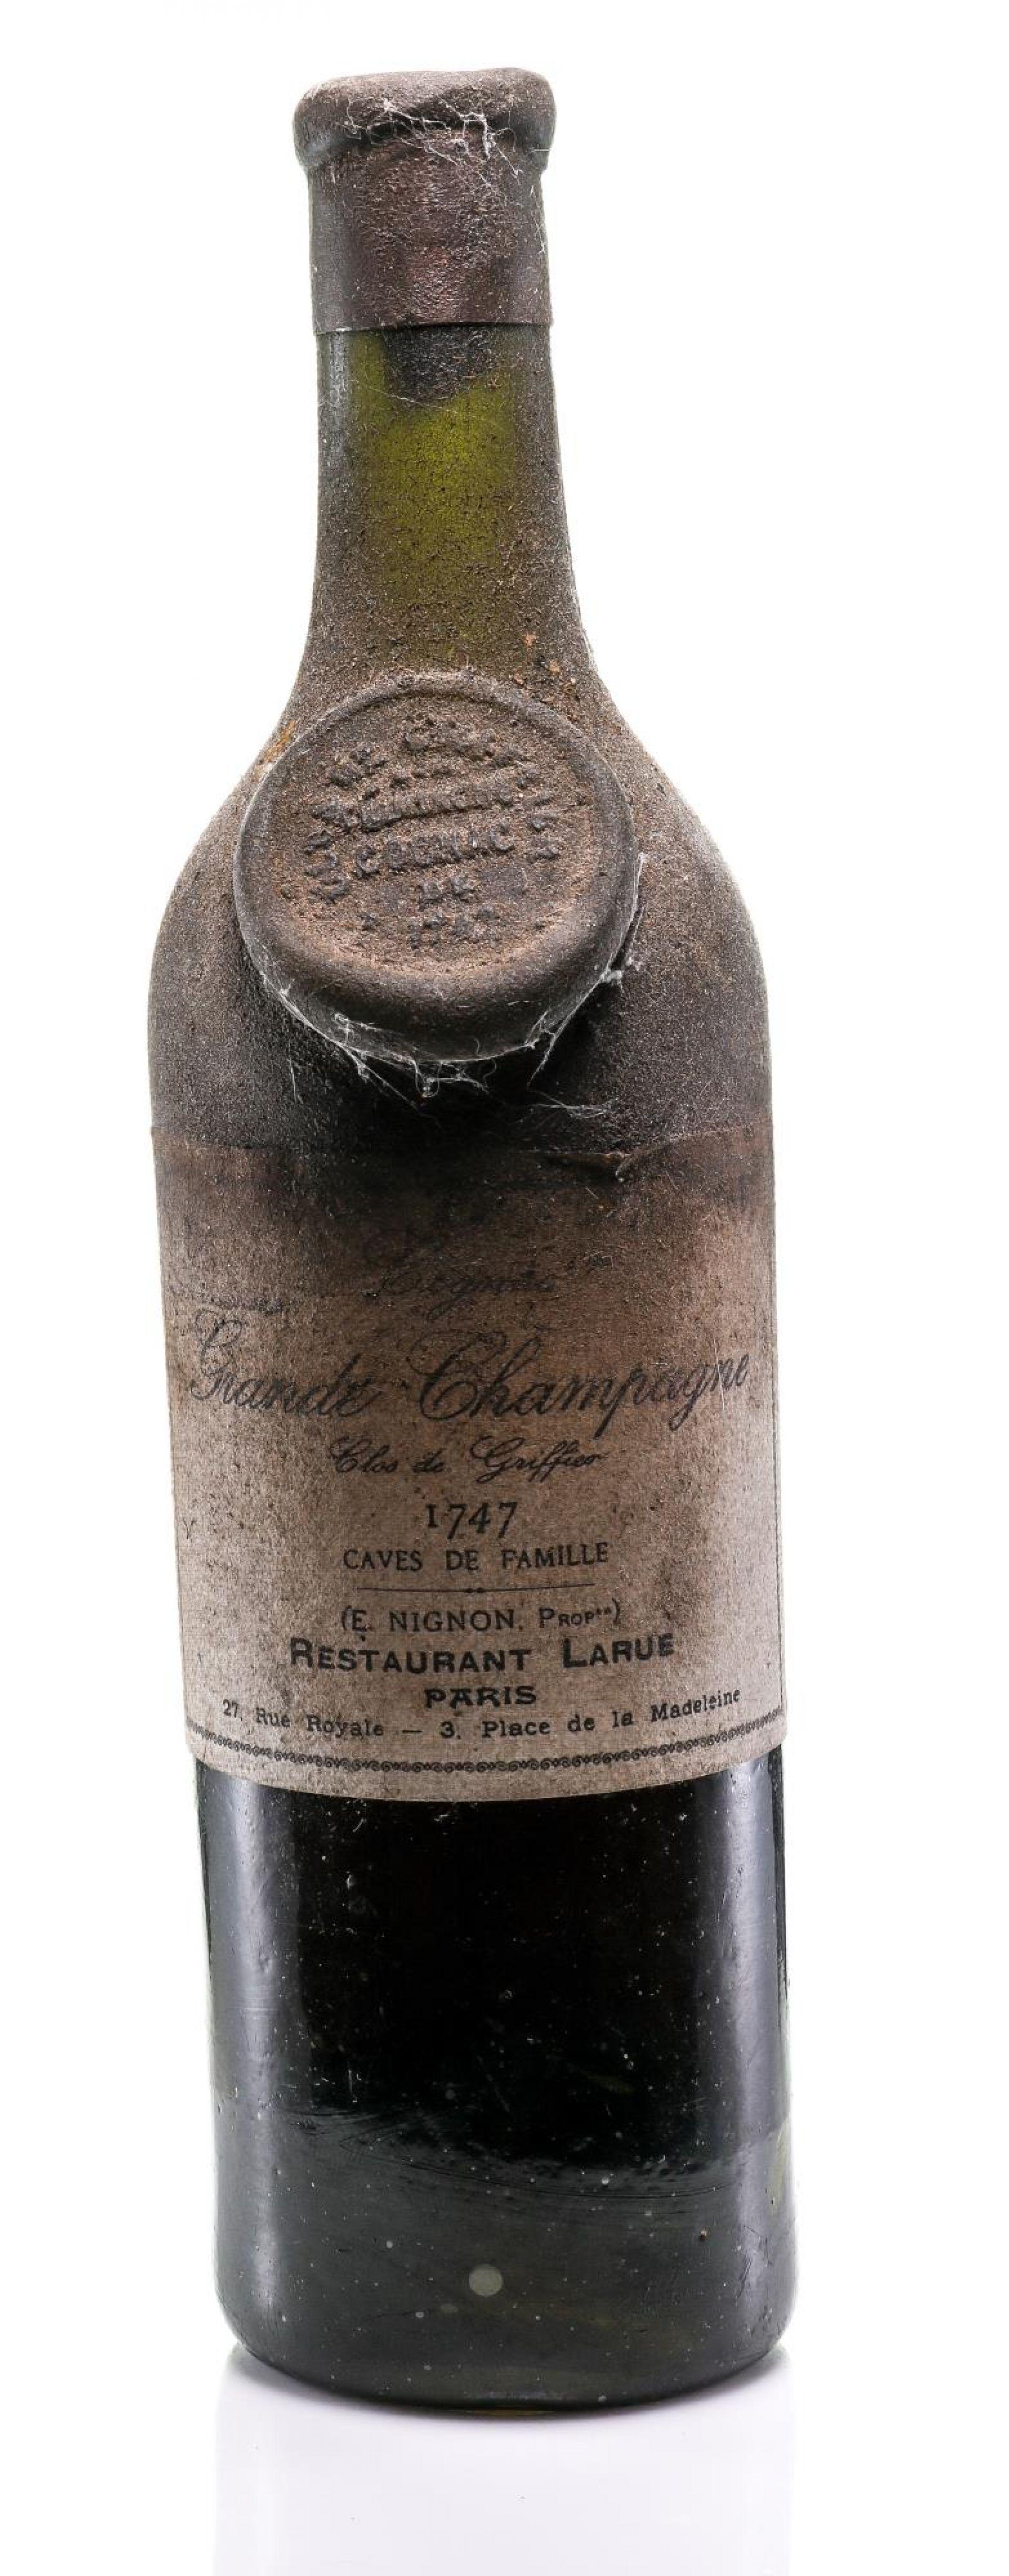 Cognac 1747 Clos de Griffier